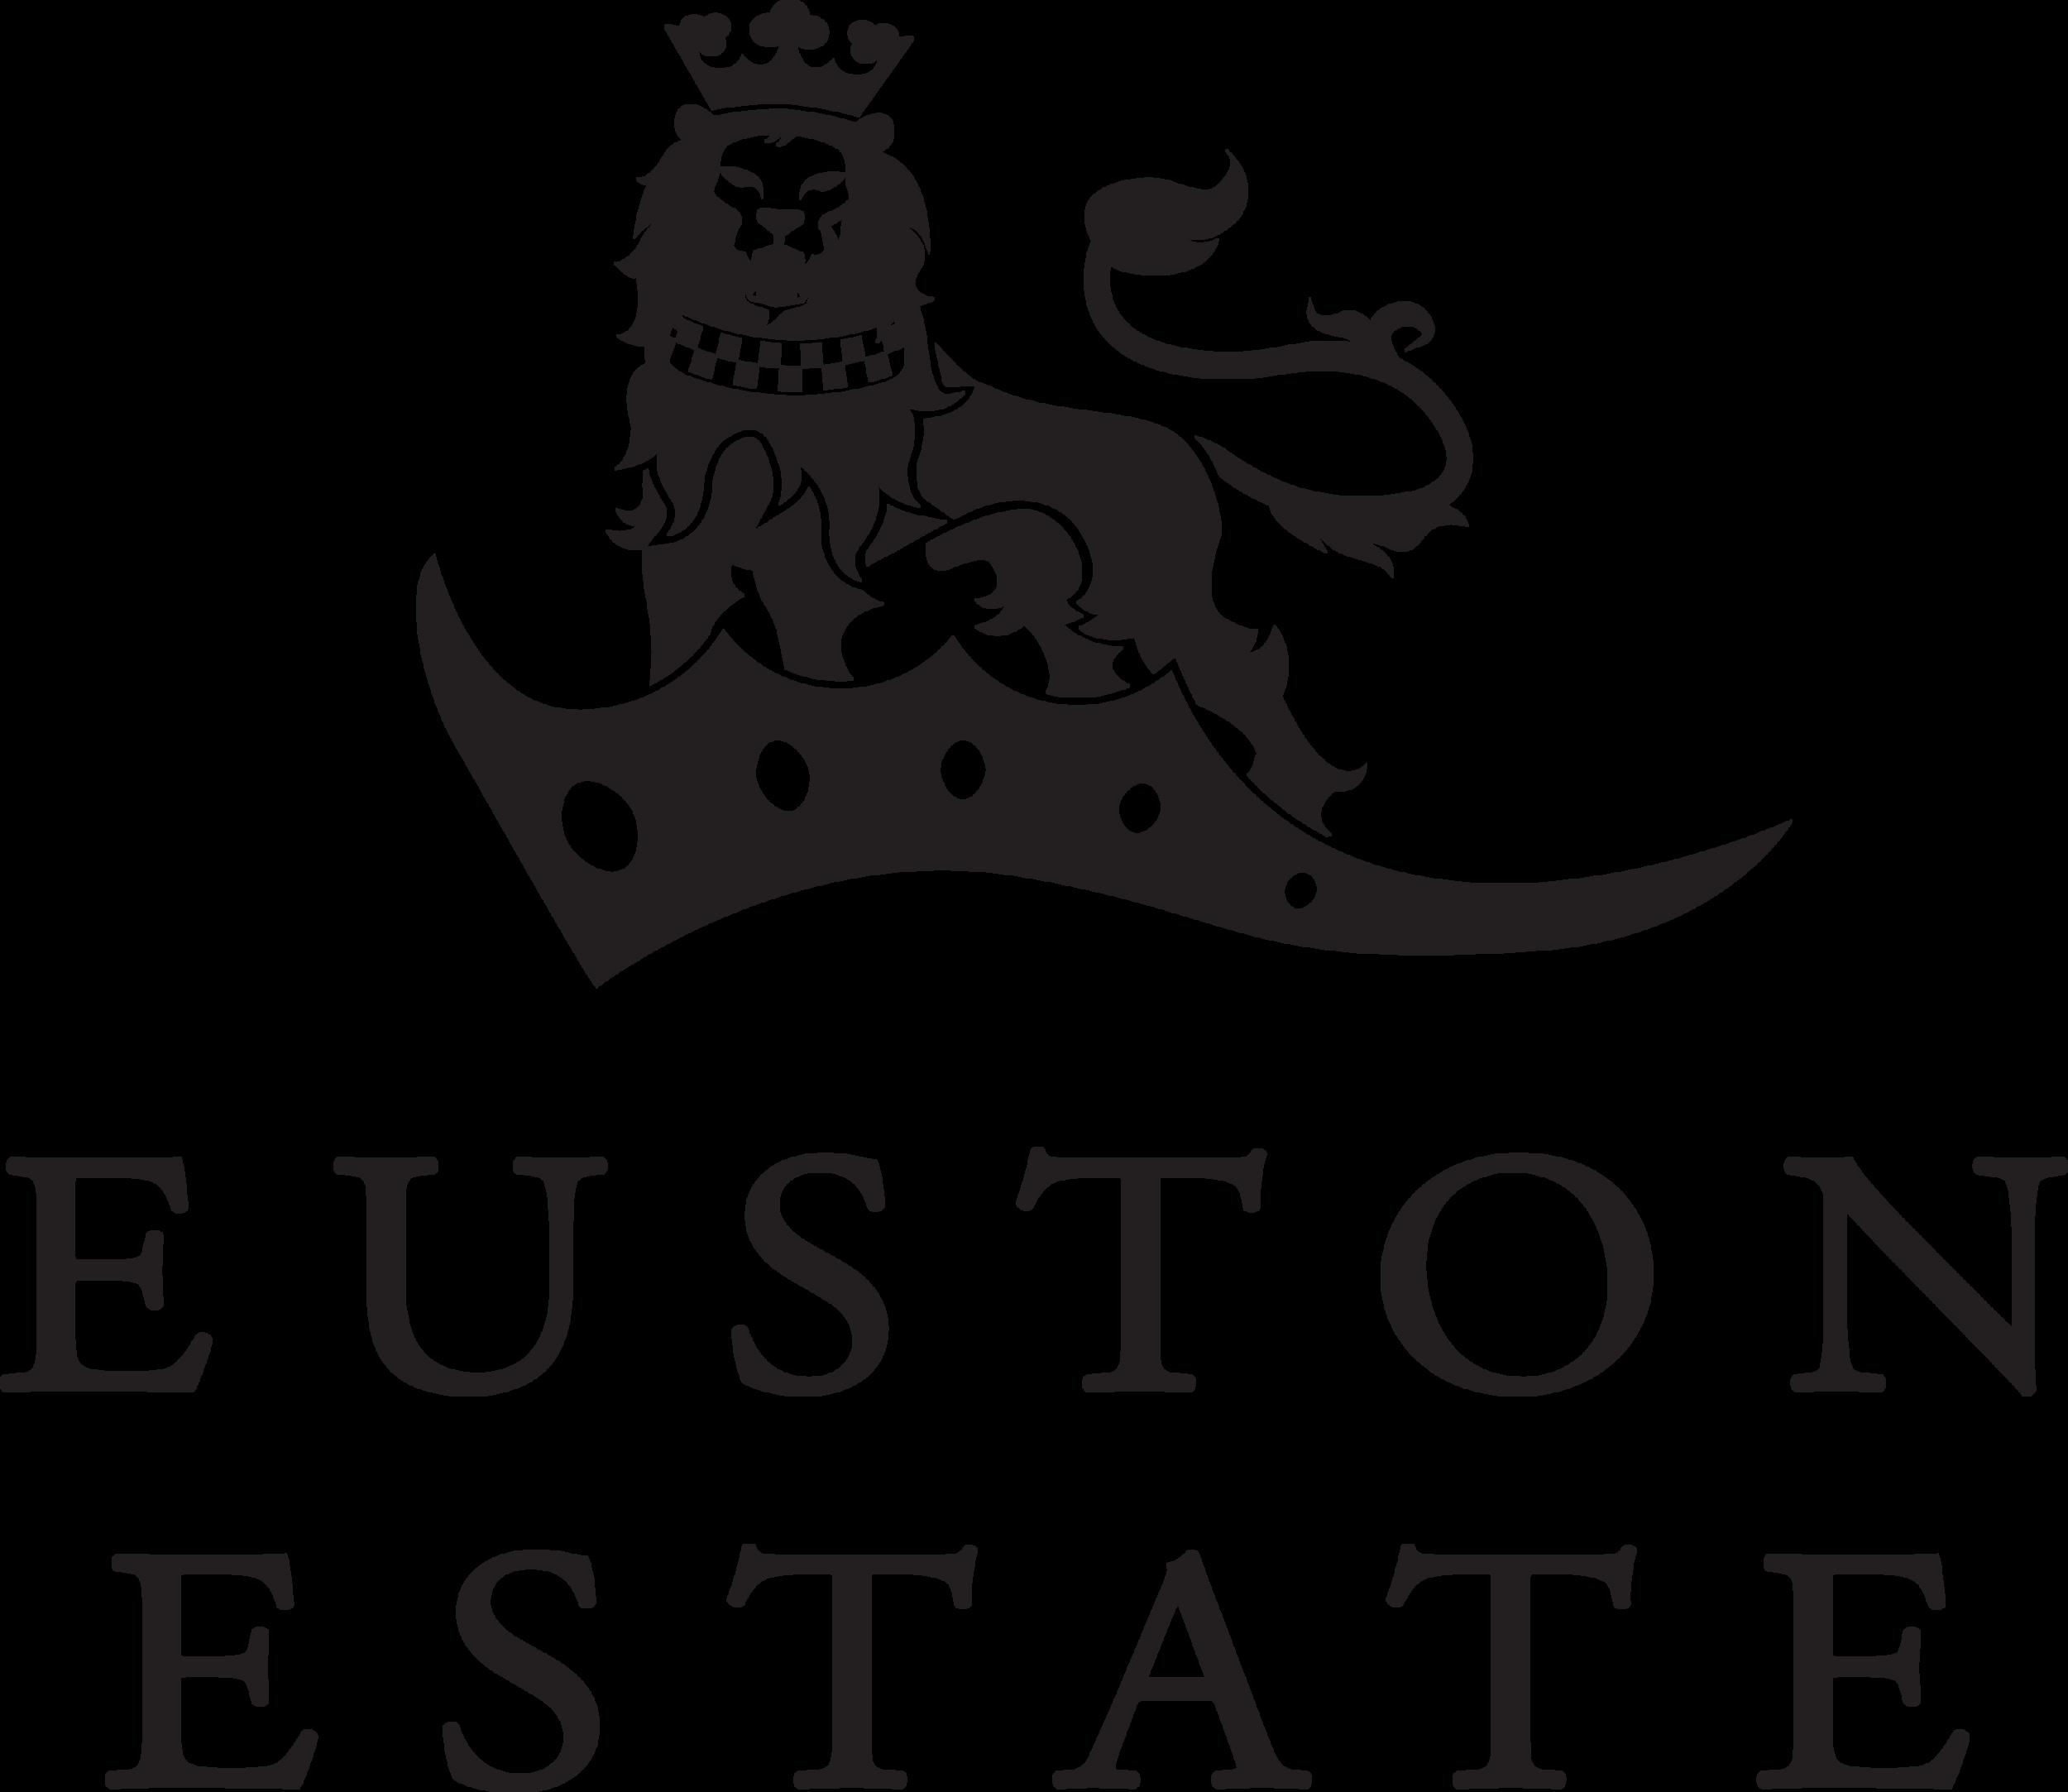 12_Euston Estate.png